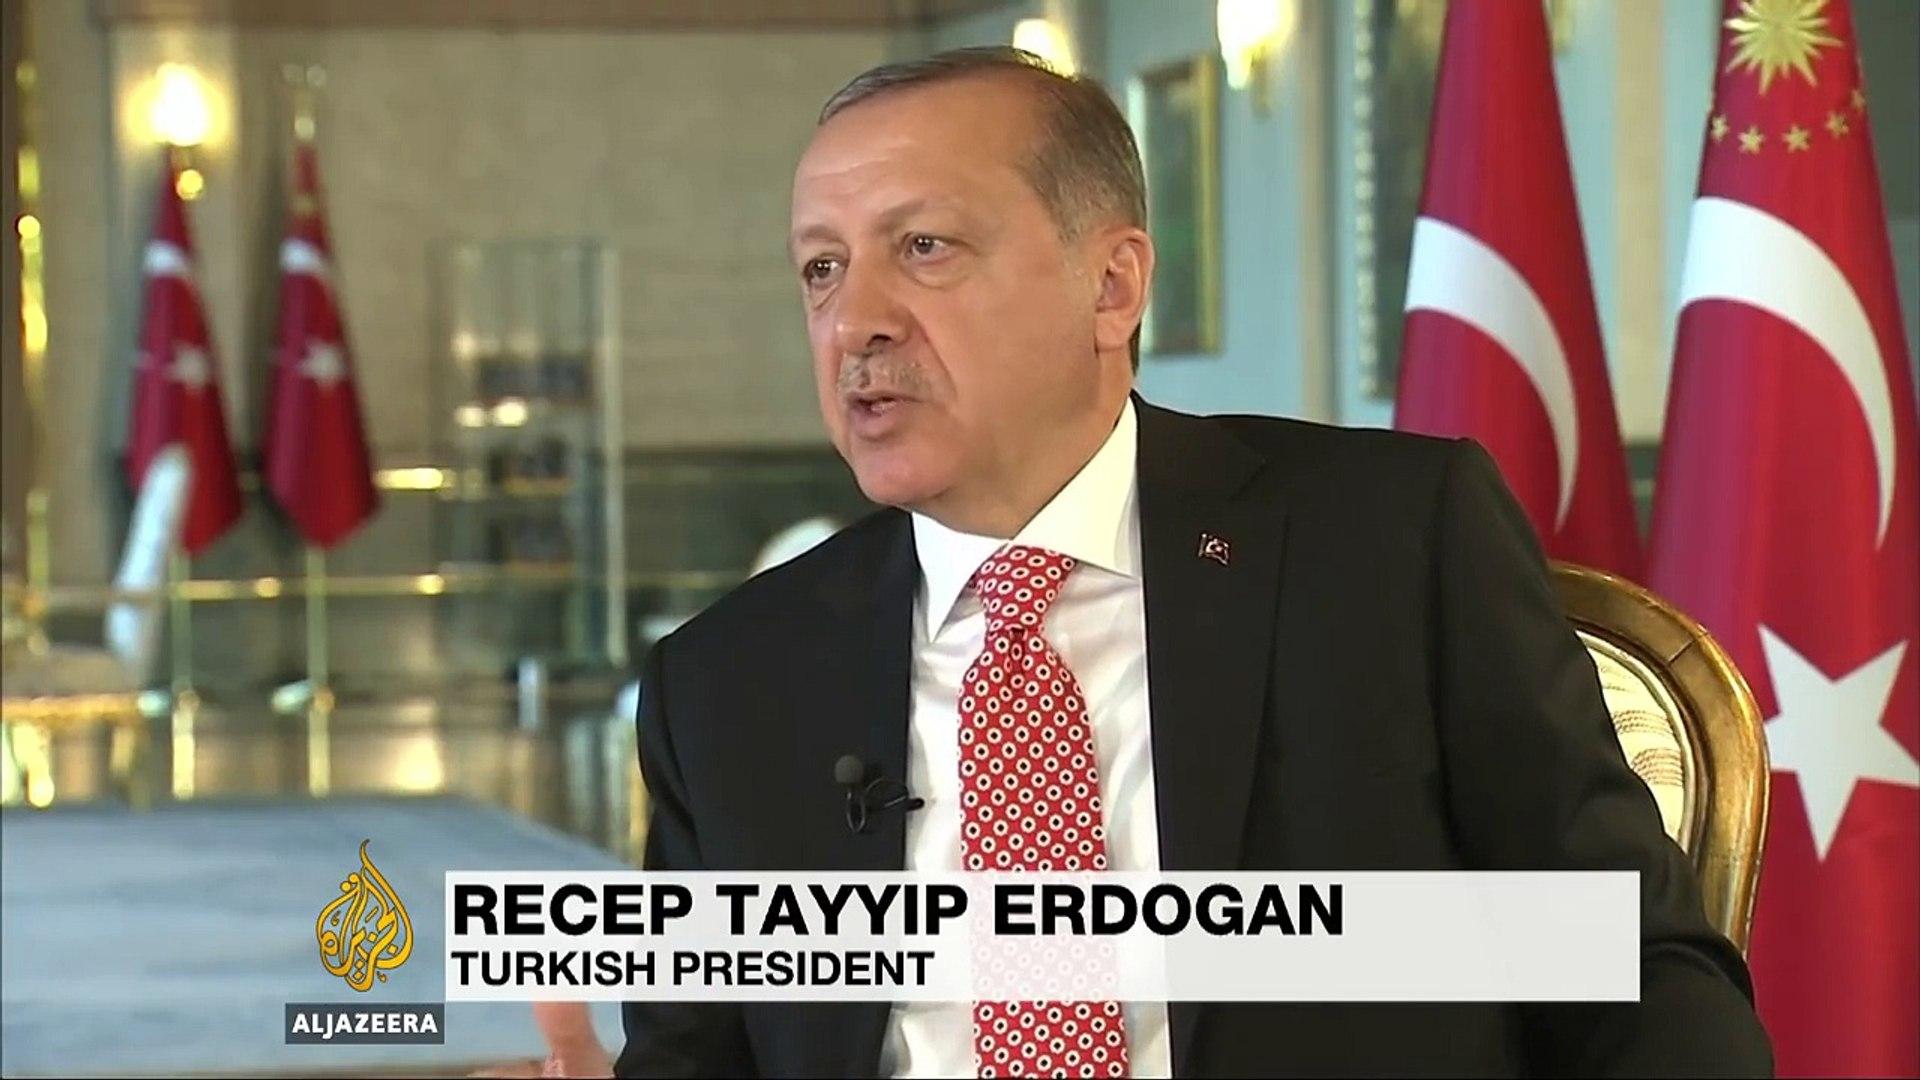 Erdogan defends Turkey's strike on Kurdish rebels